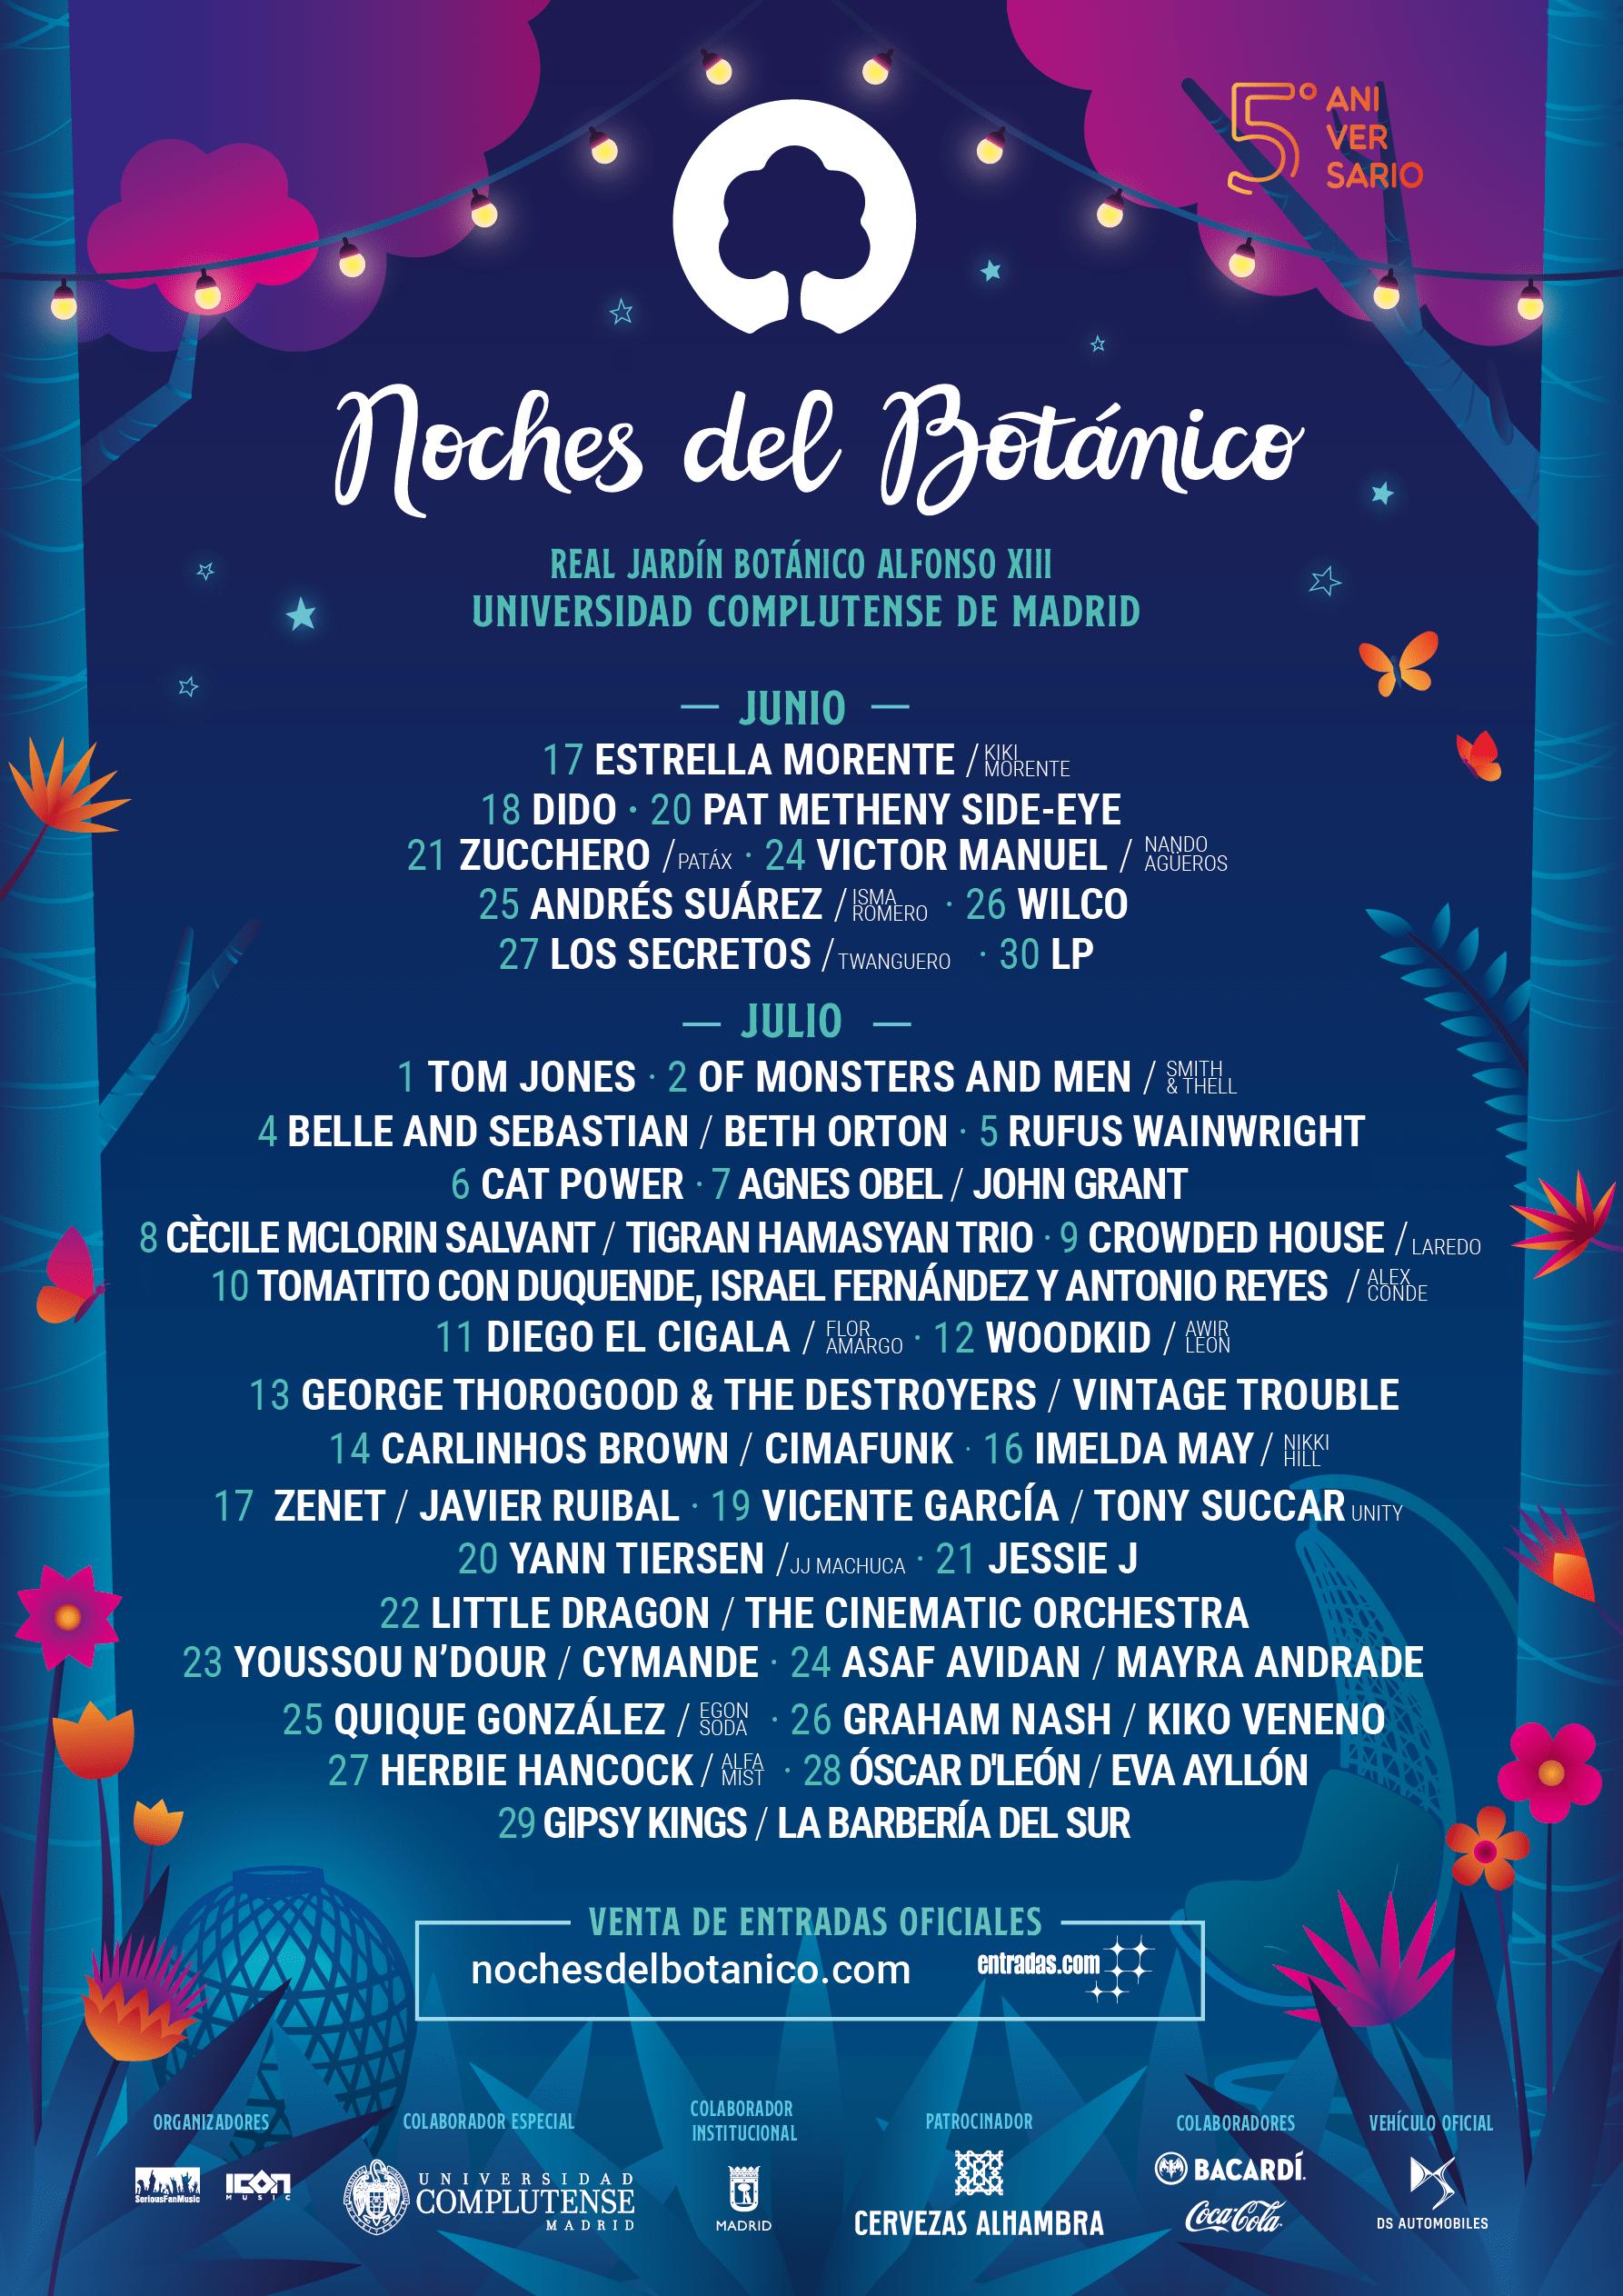 Noches del Botanico 2020